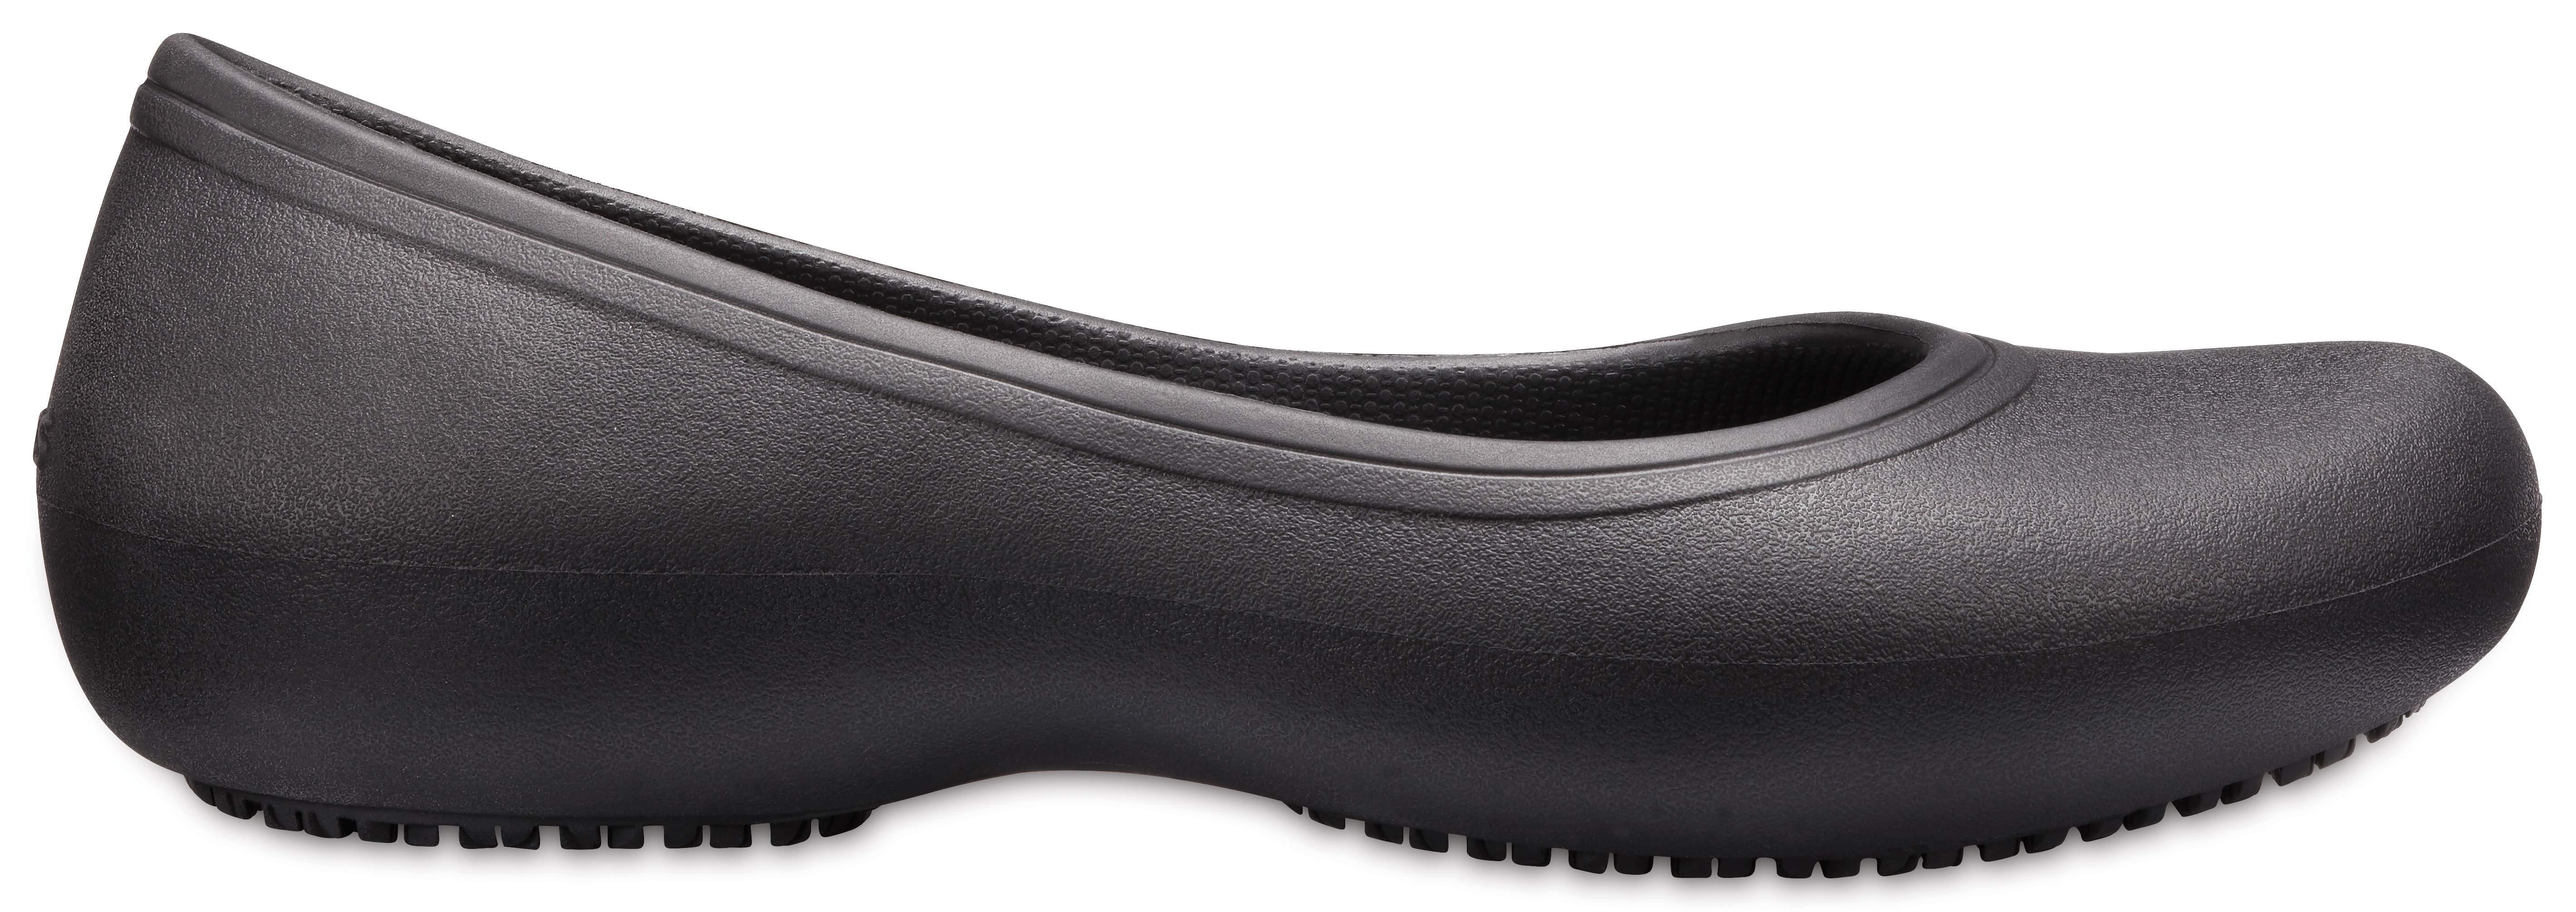 Crocs Cap Toe Flat Casual Soft Comfort Work Shoes Flats Womens Size 3-9 UK